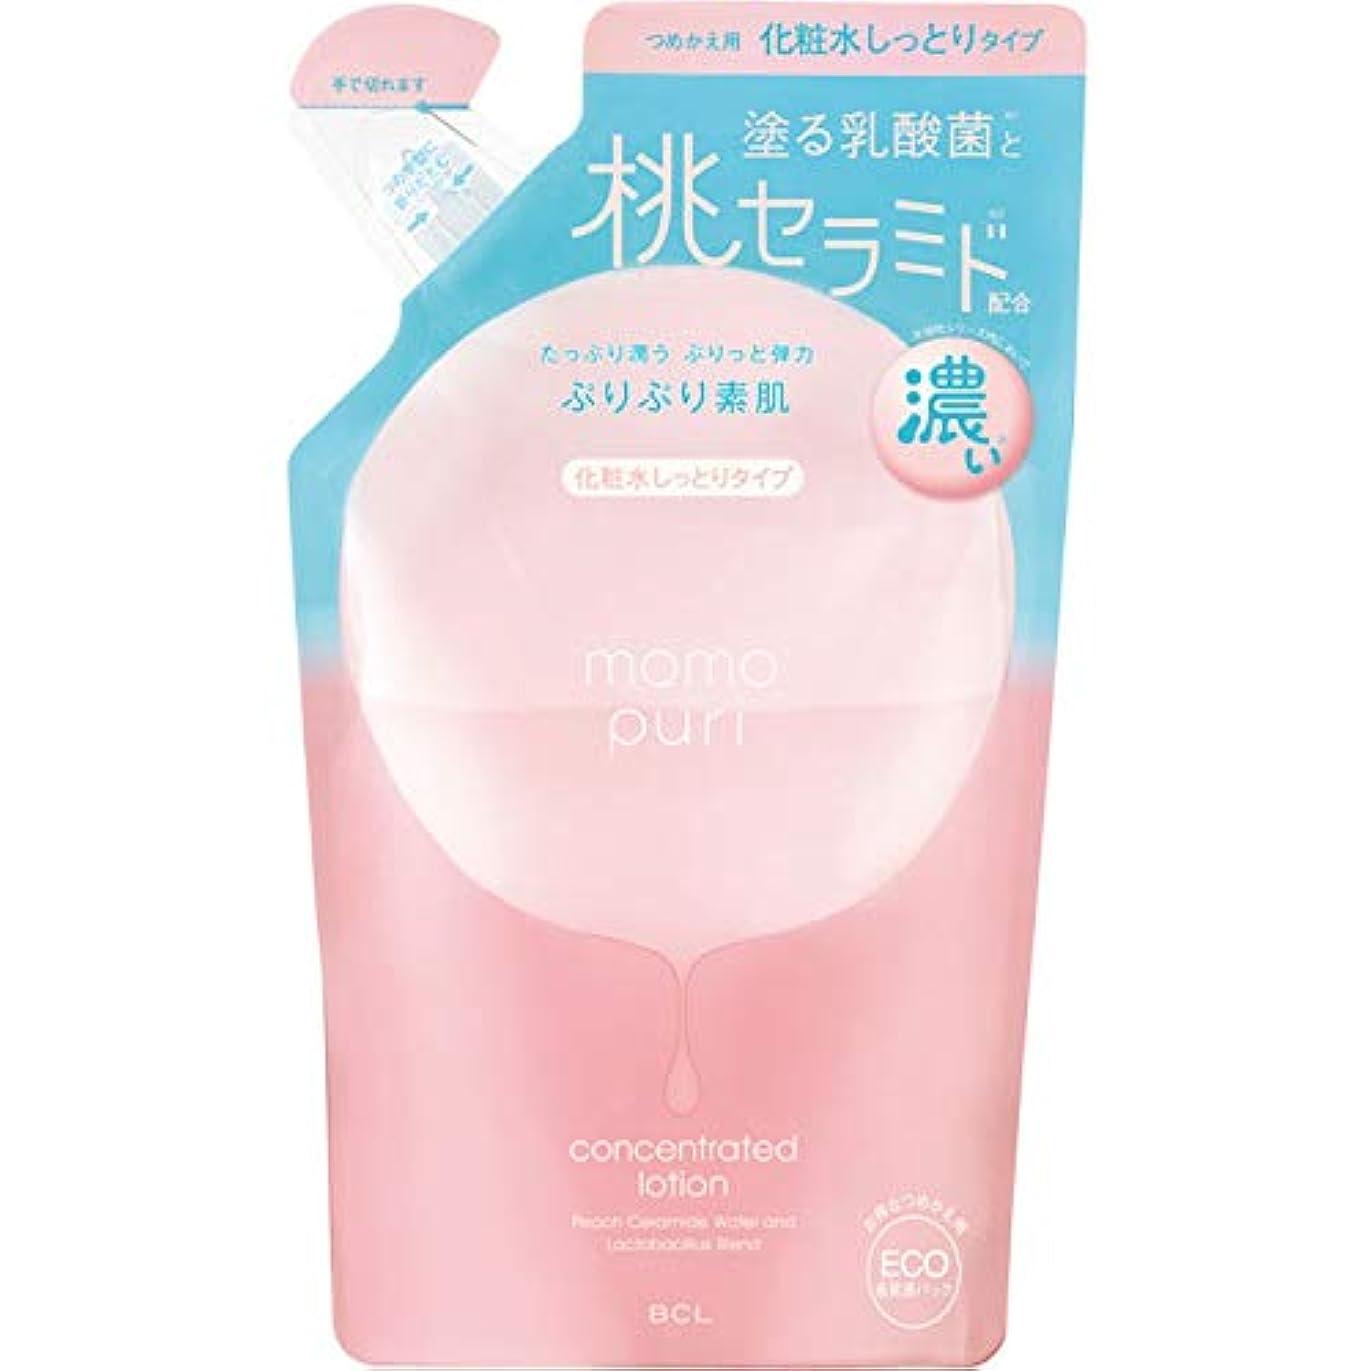 脈拍判定おなじみの【7個セット】ももぷり 潤い濃密化粧水 つめかえ用 180ml